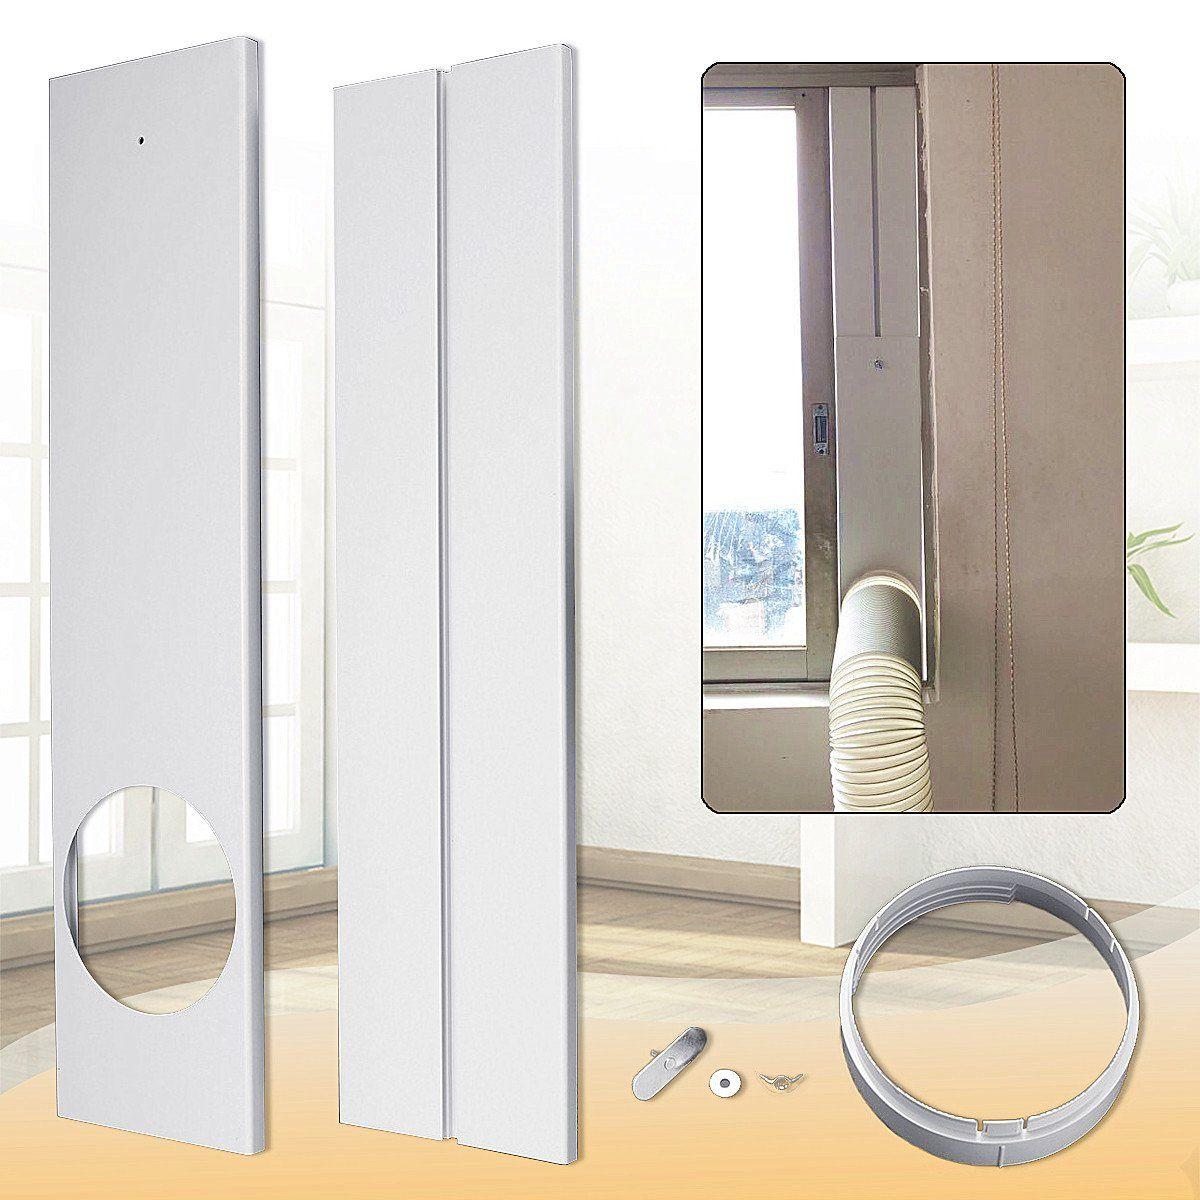 120cm Adjustable Air Conditioner Window Kit Plate For Exhaust Hose Tube Connector Acondicionado Aire Acondicionado Colores Blancos